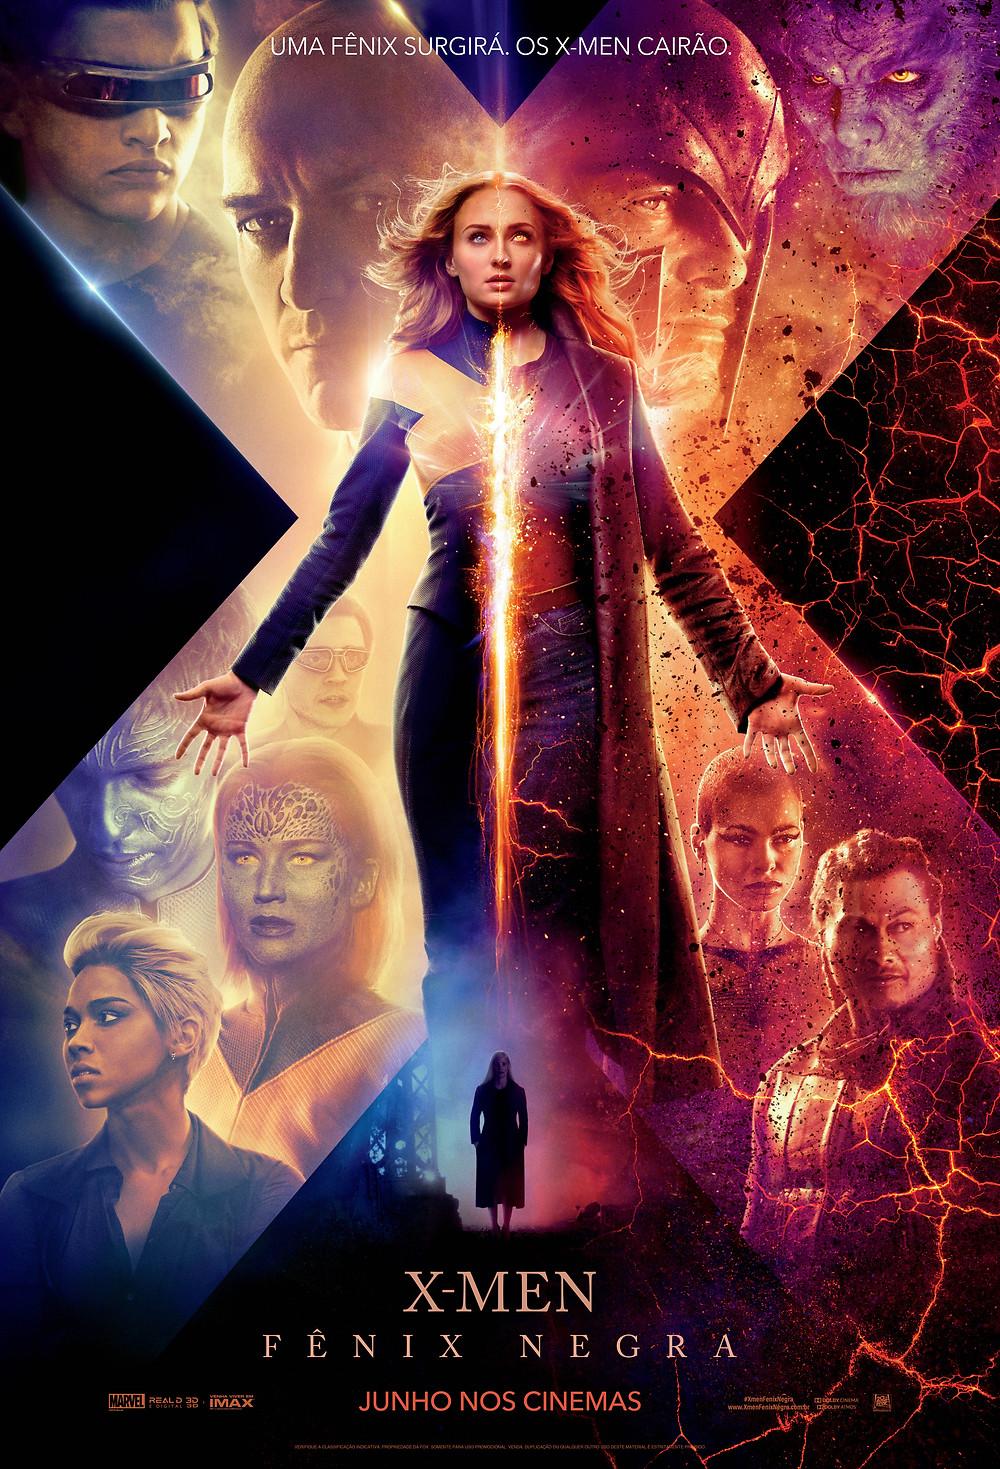 Pôster do filme X-Men: Fênix Negra (2019) | Divulgação (20th Century Fox)